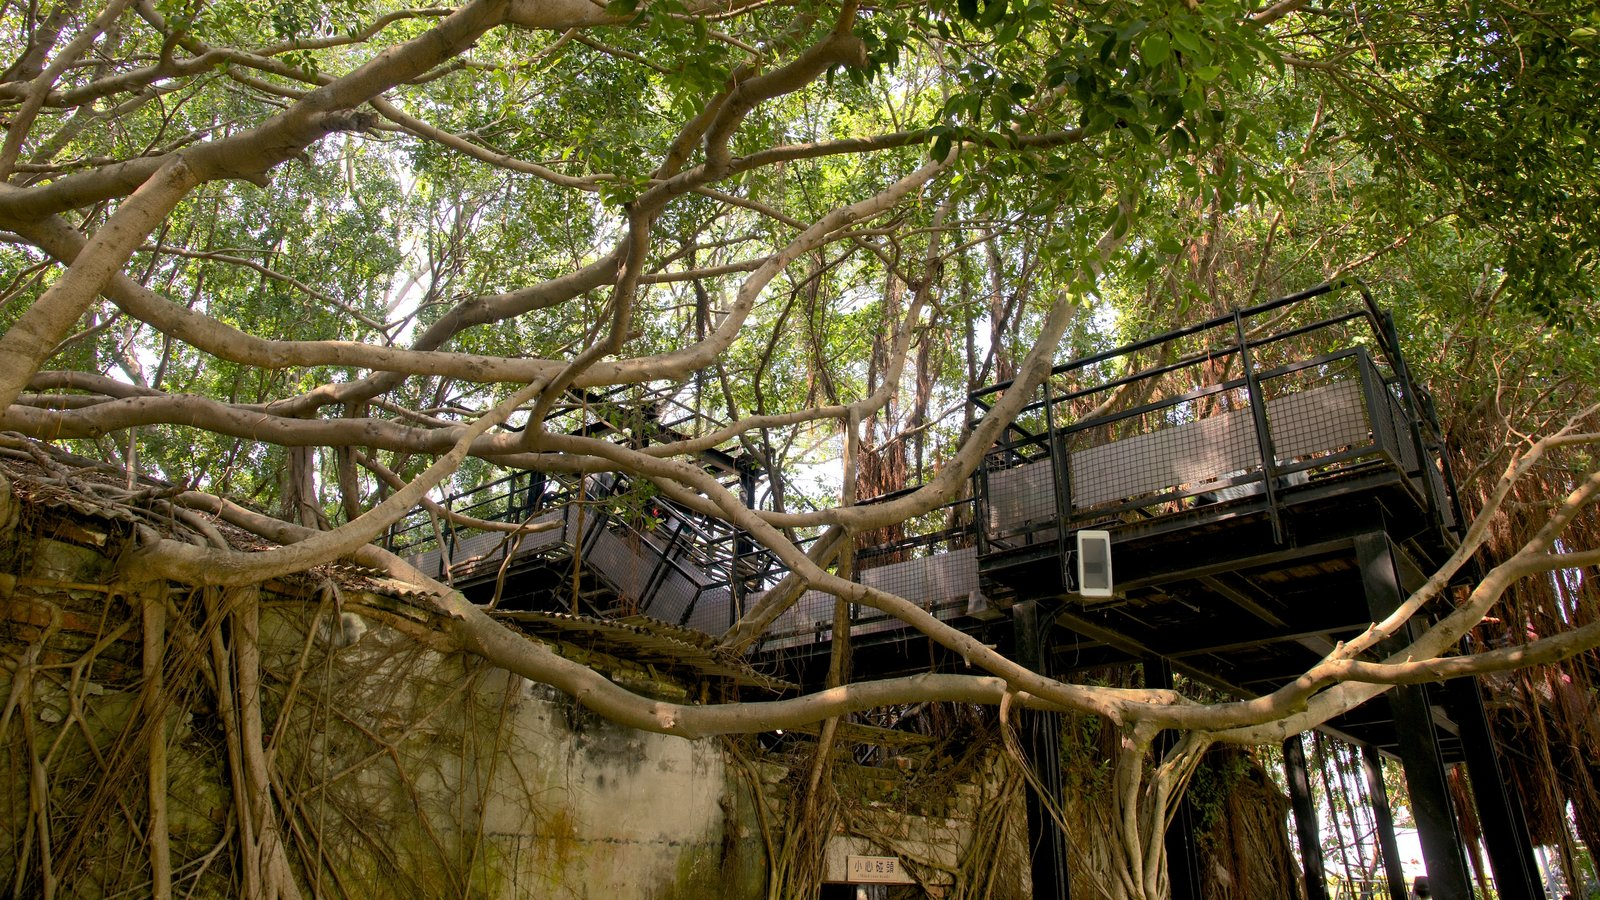 Hình ảnh nhà trên cây giữa những tán lá